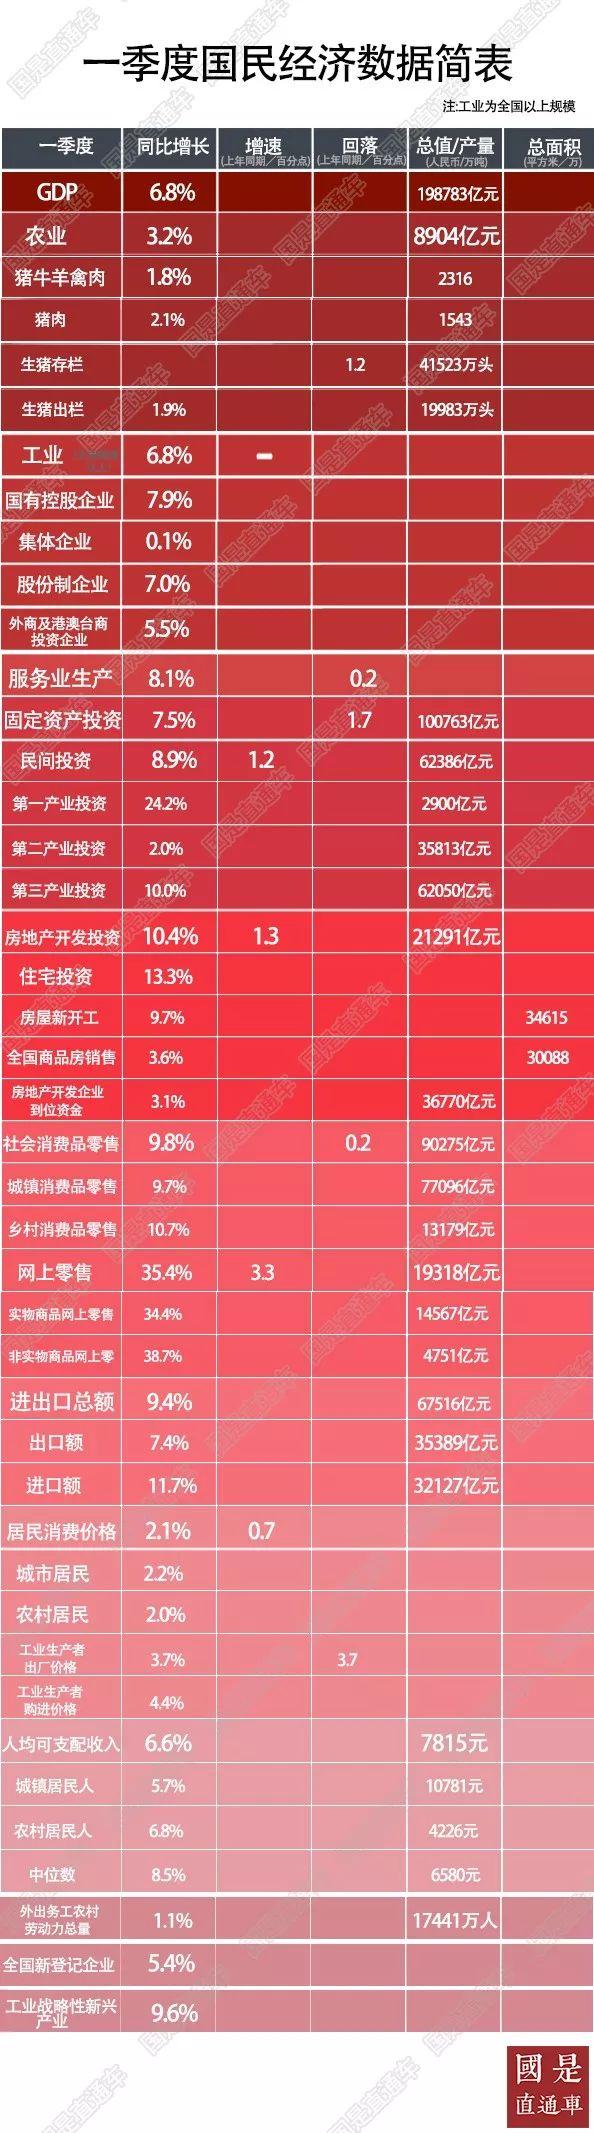 中国一季度经济成绩单出炉 这些关键数据你看懂了吗?